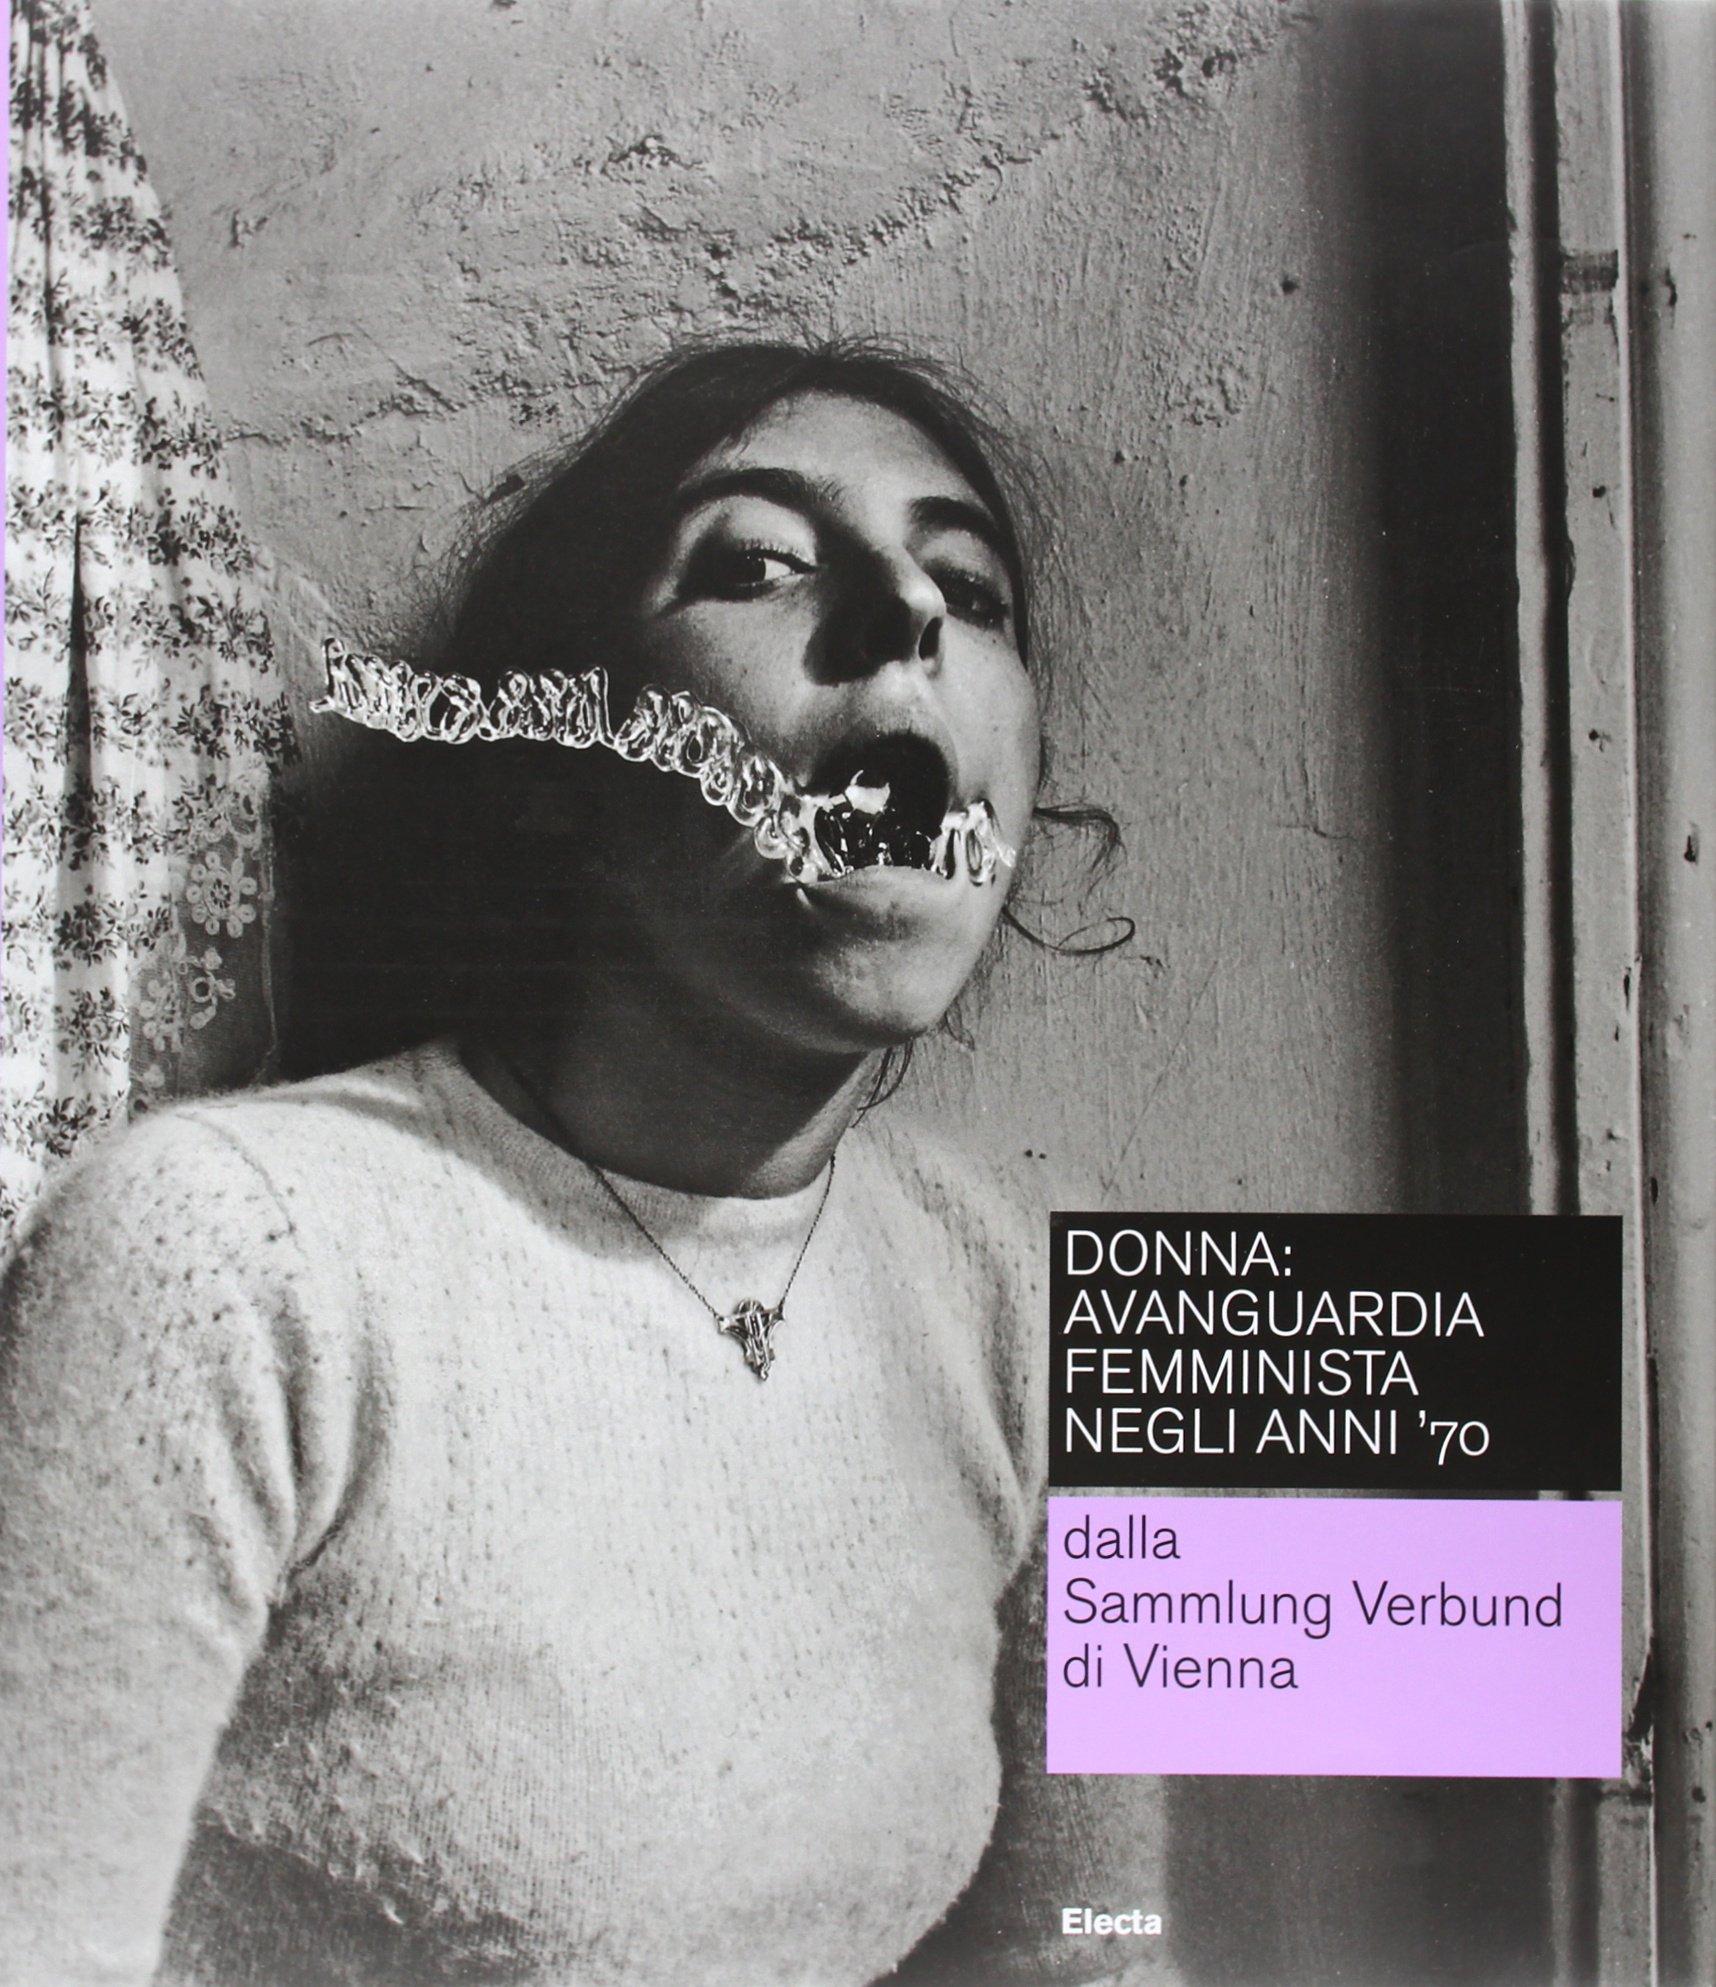 Donna avanguardia femminista negli anni '70: From the Sammlung Verbund Wien PDF